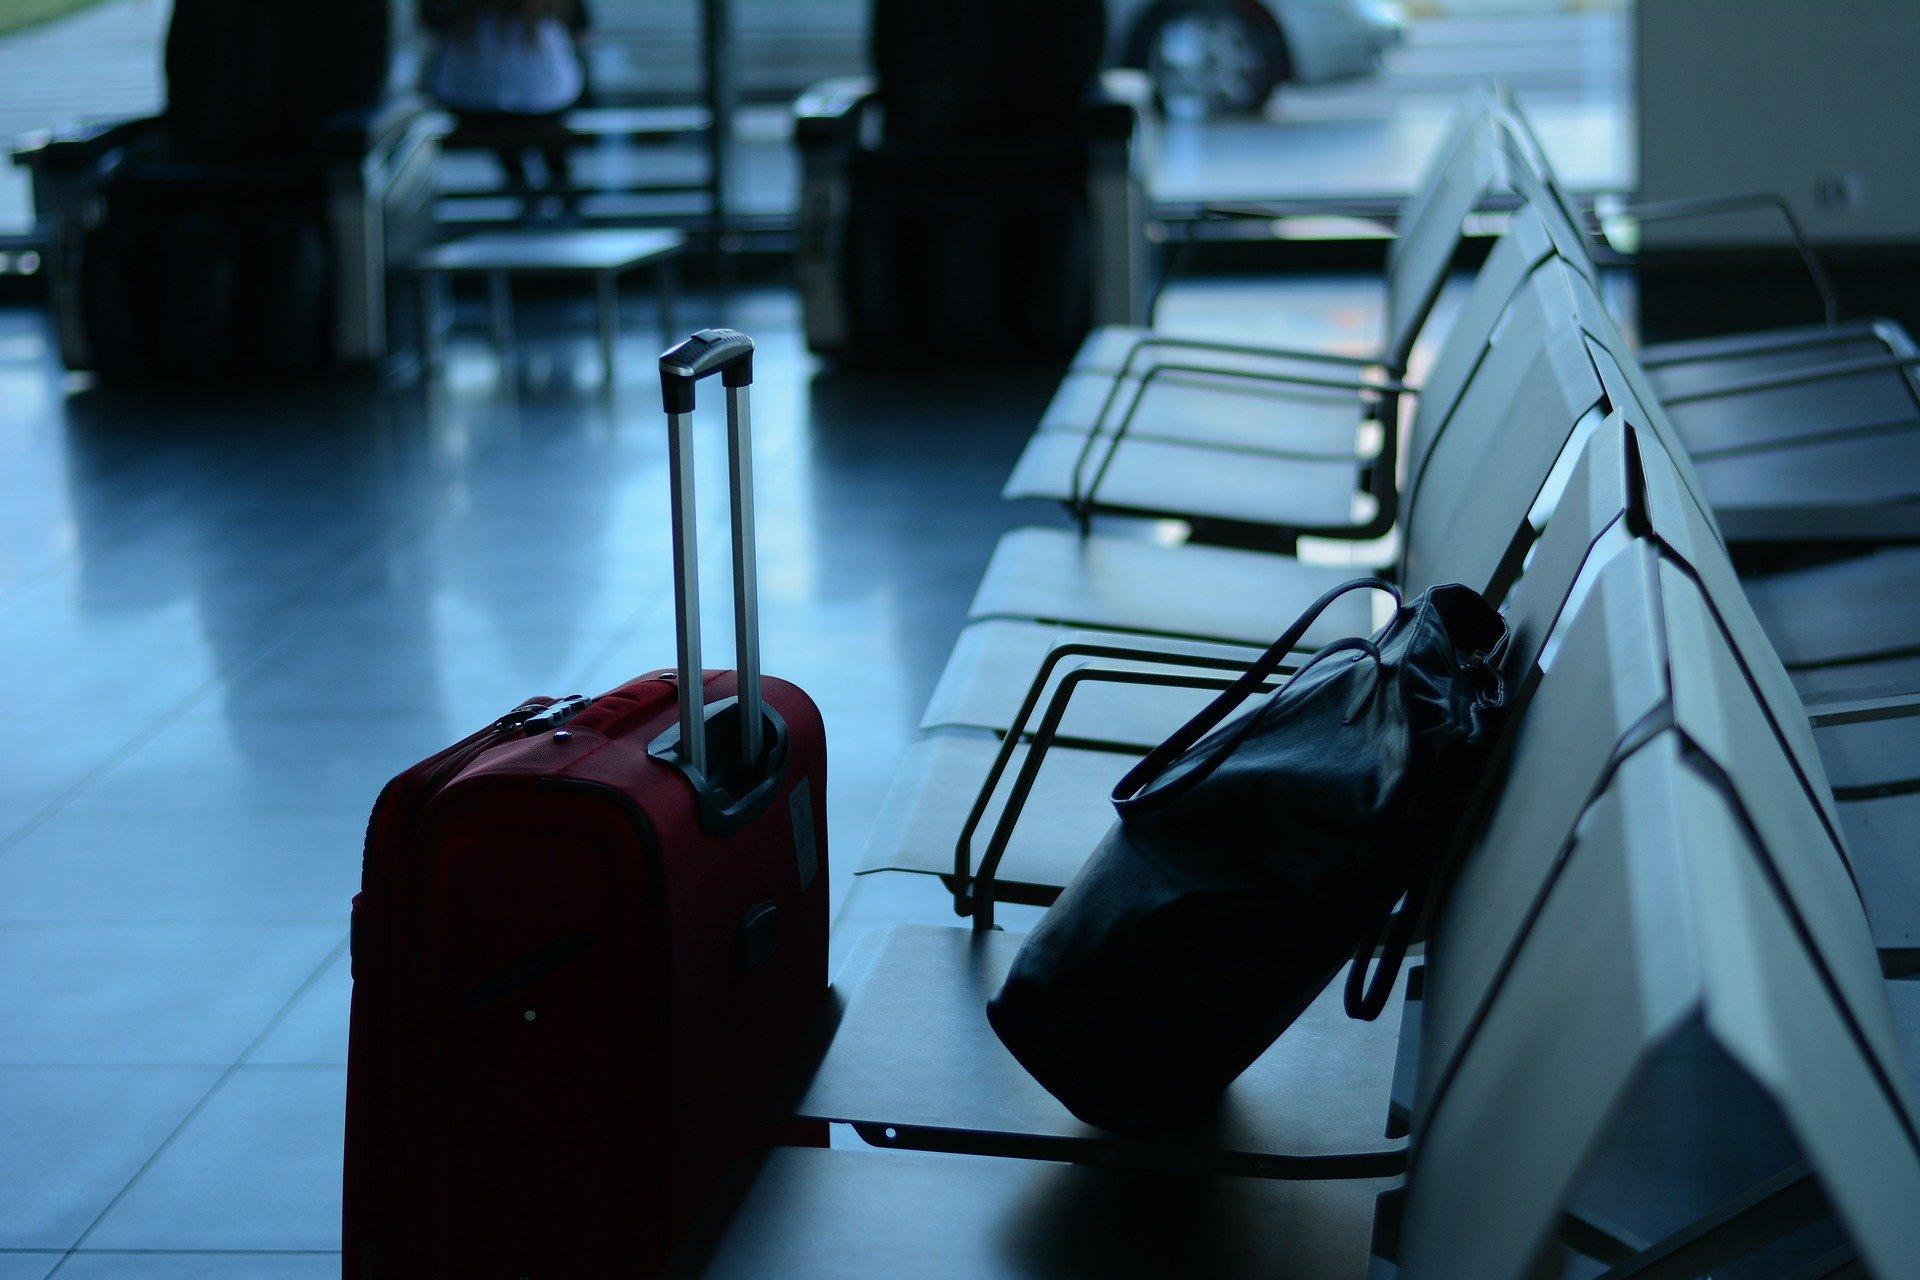 Bagage venter i lufthavn